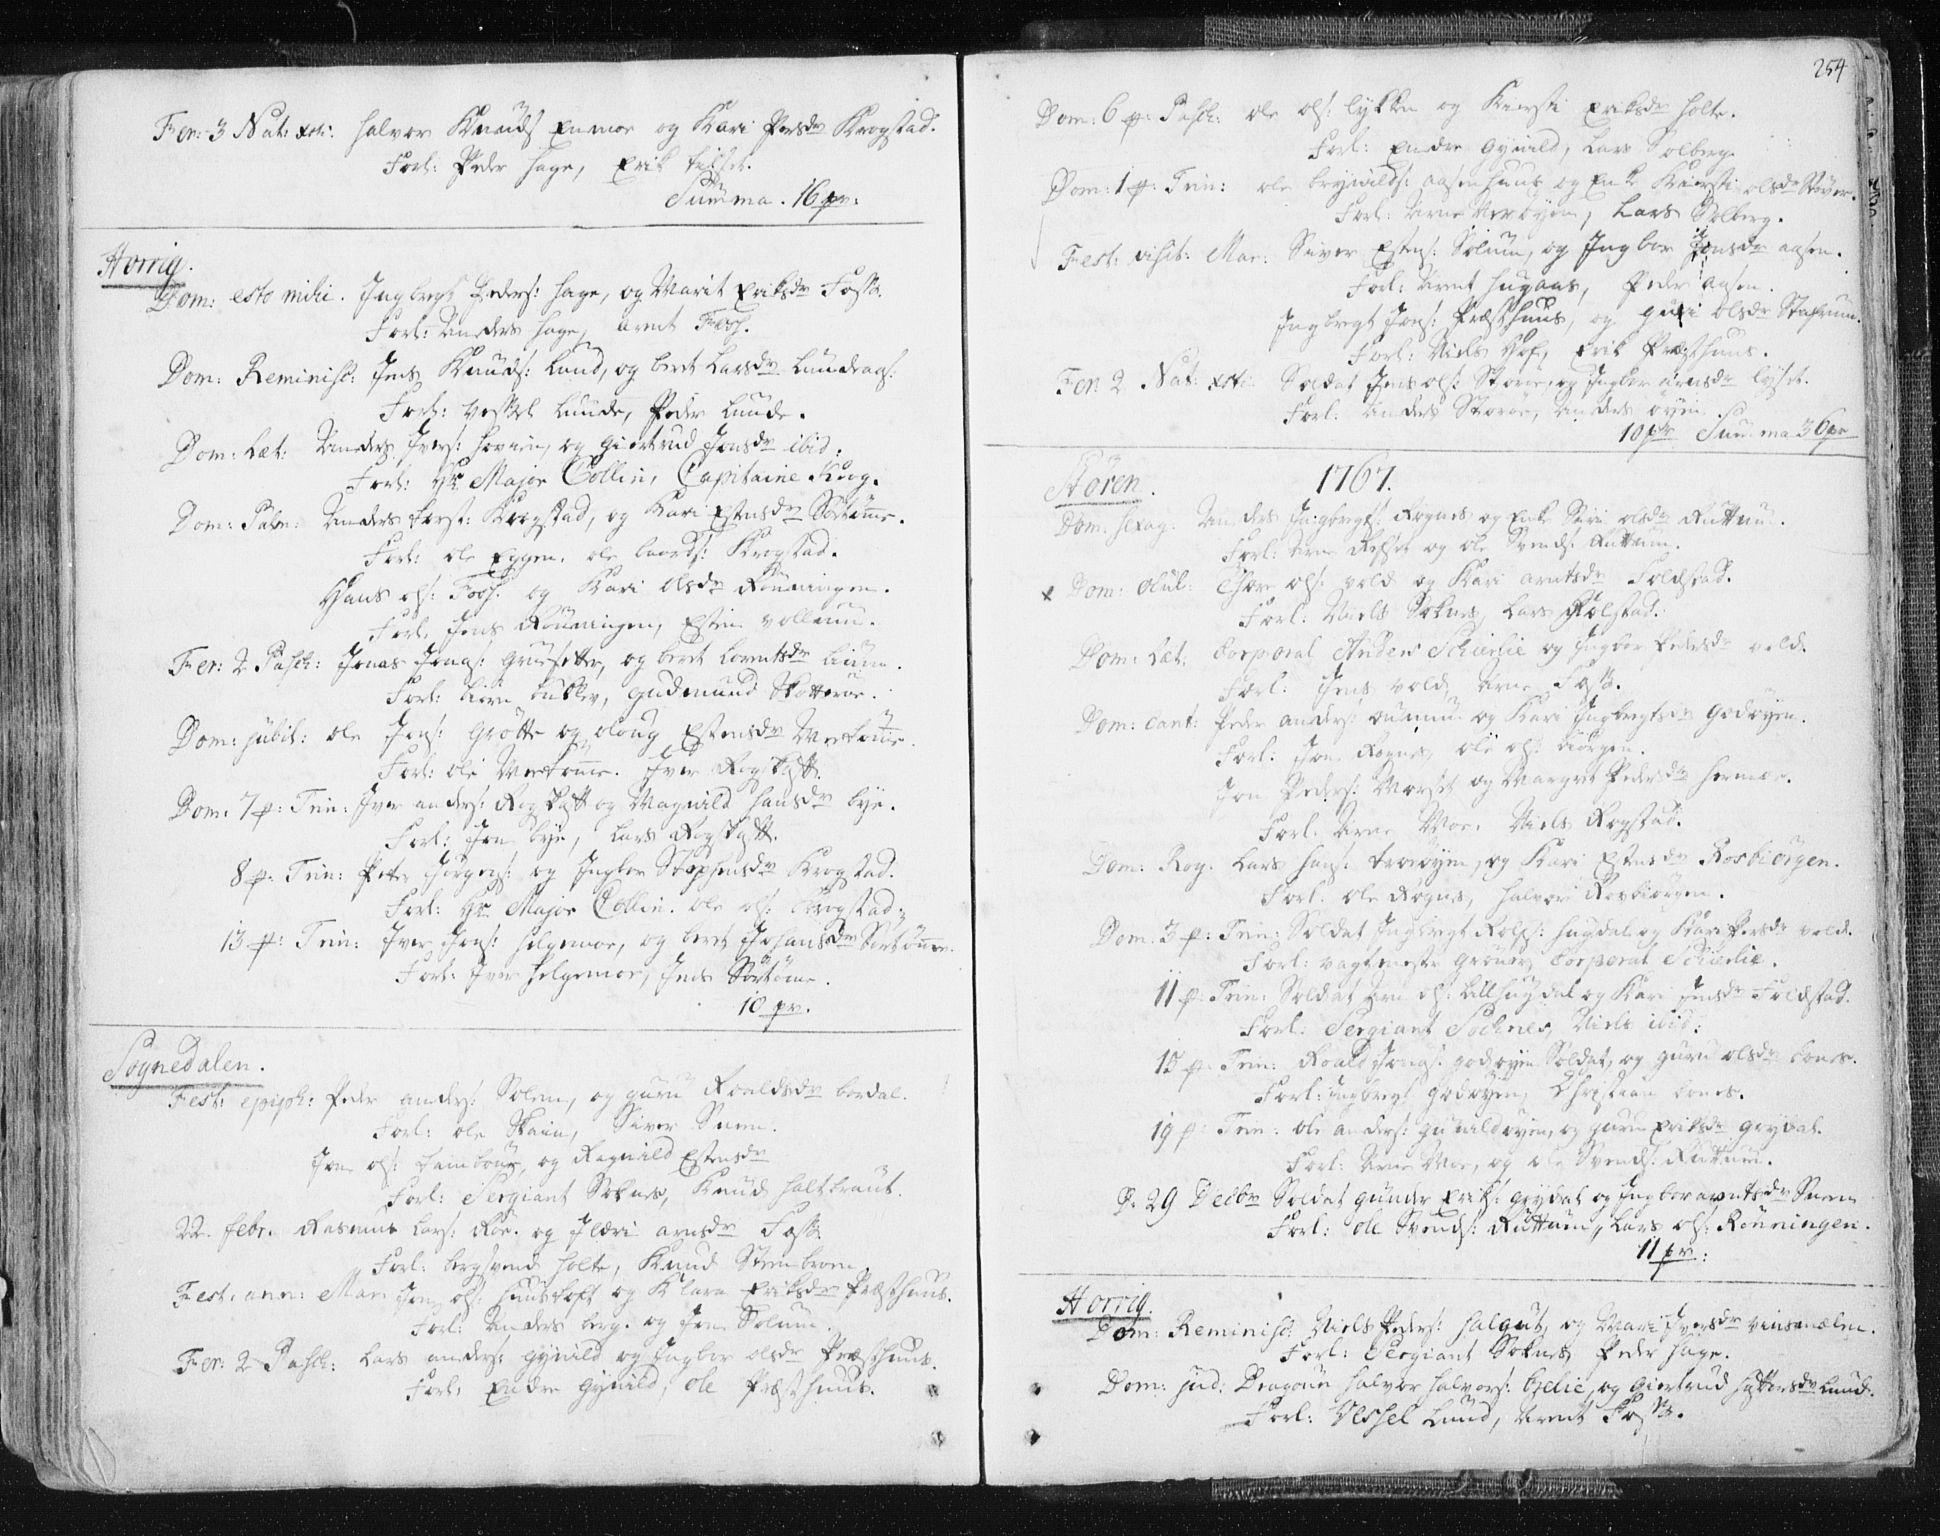 SAT, Ministerialprotokoller, klokkerbøker og fødselsregistre - Sør-Trøndelag, 687/L0991: Ministerialbok nr. 687A02, 1747-1790, s. 254